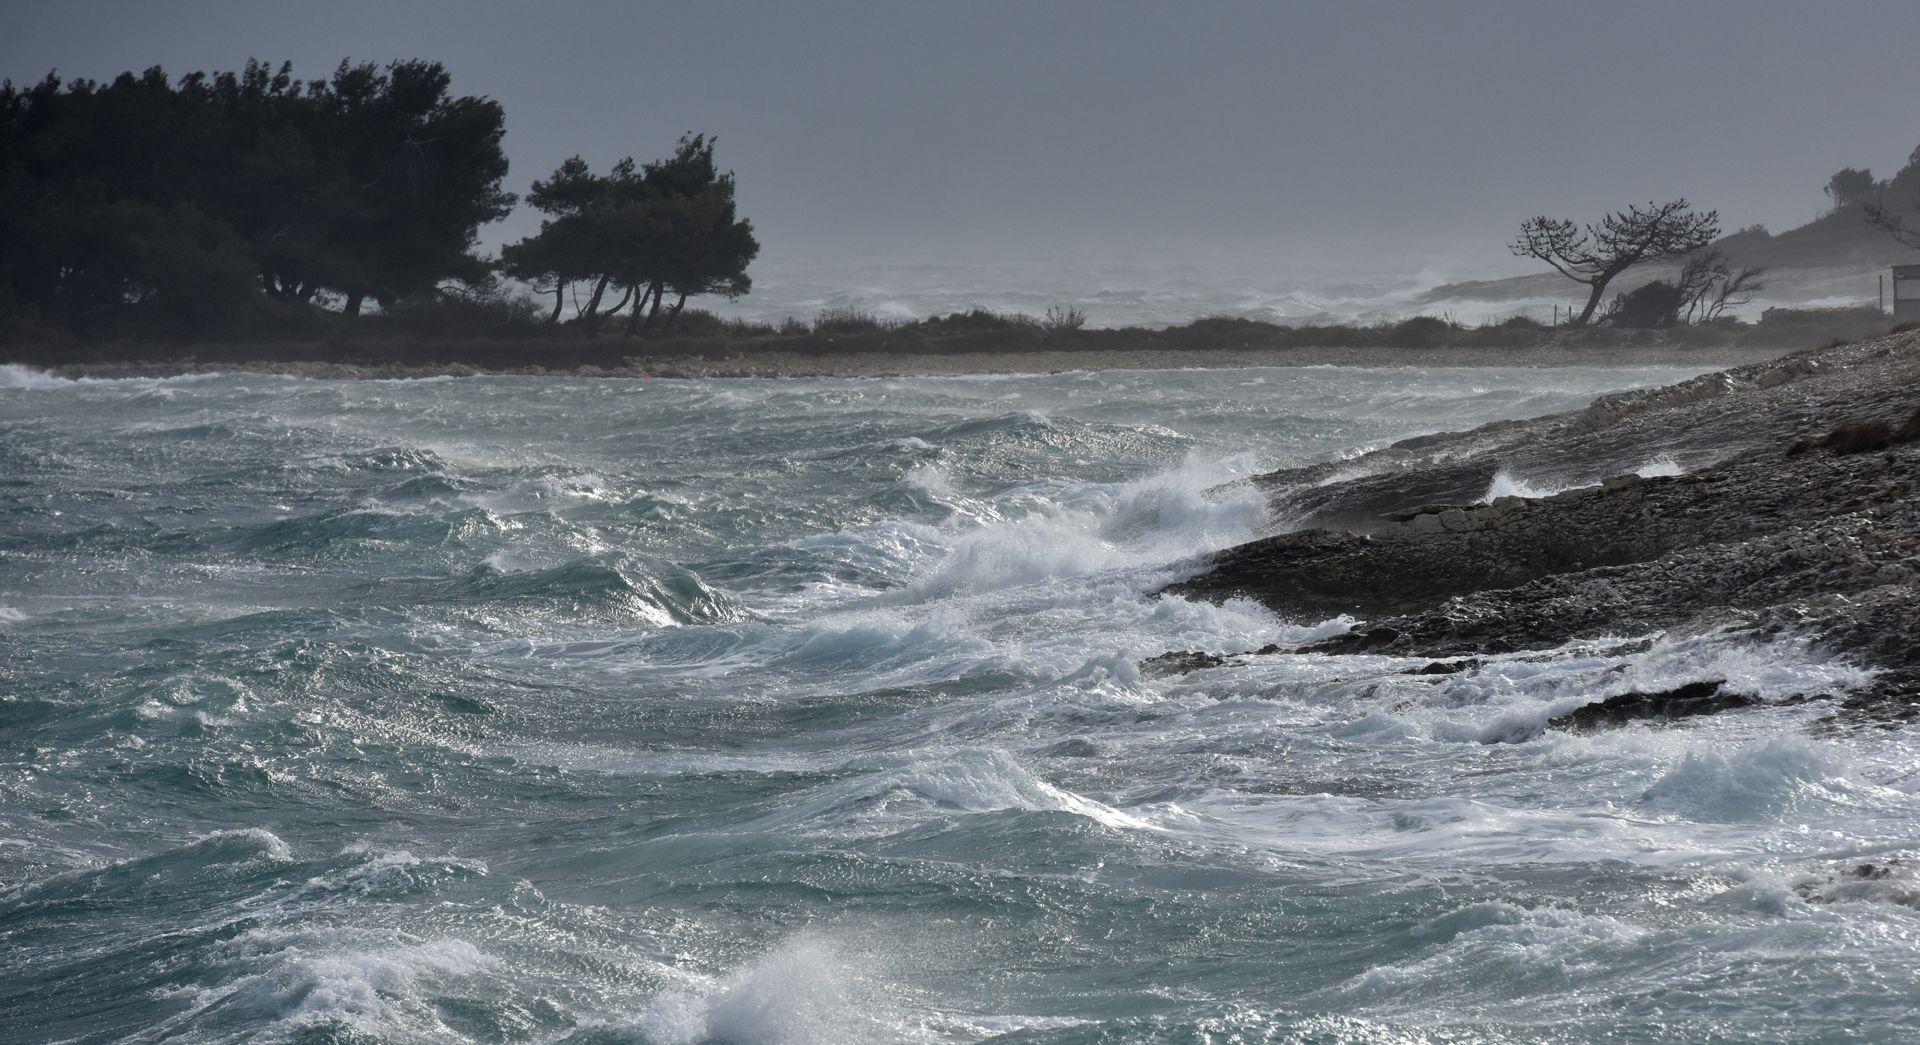 KIŠA U CIJELOJ ZEMLJI Zbog jakog vjetra odsječen dio otoka